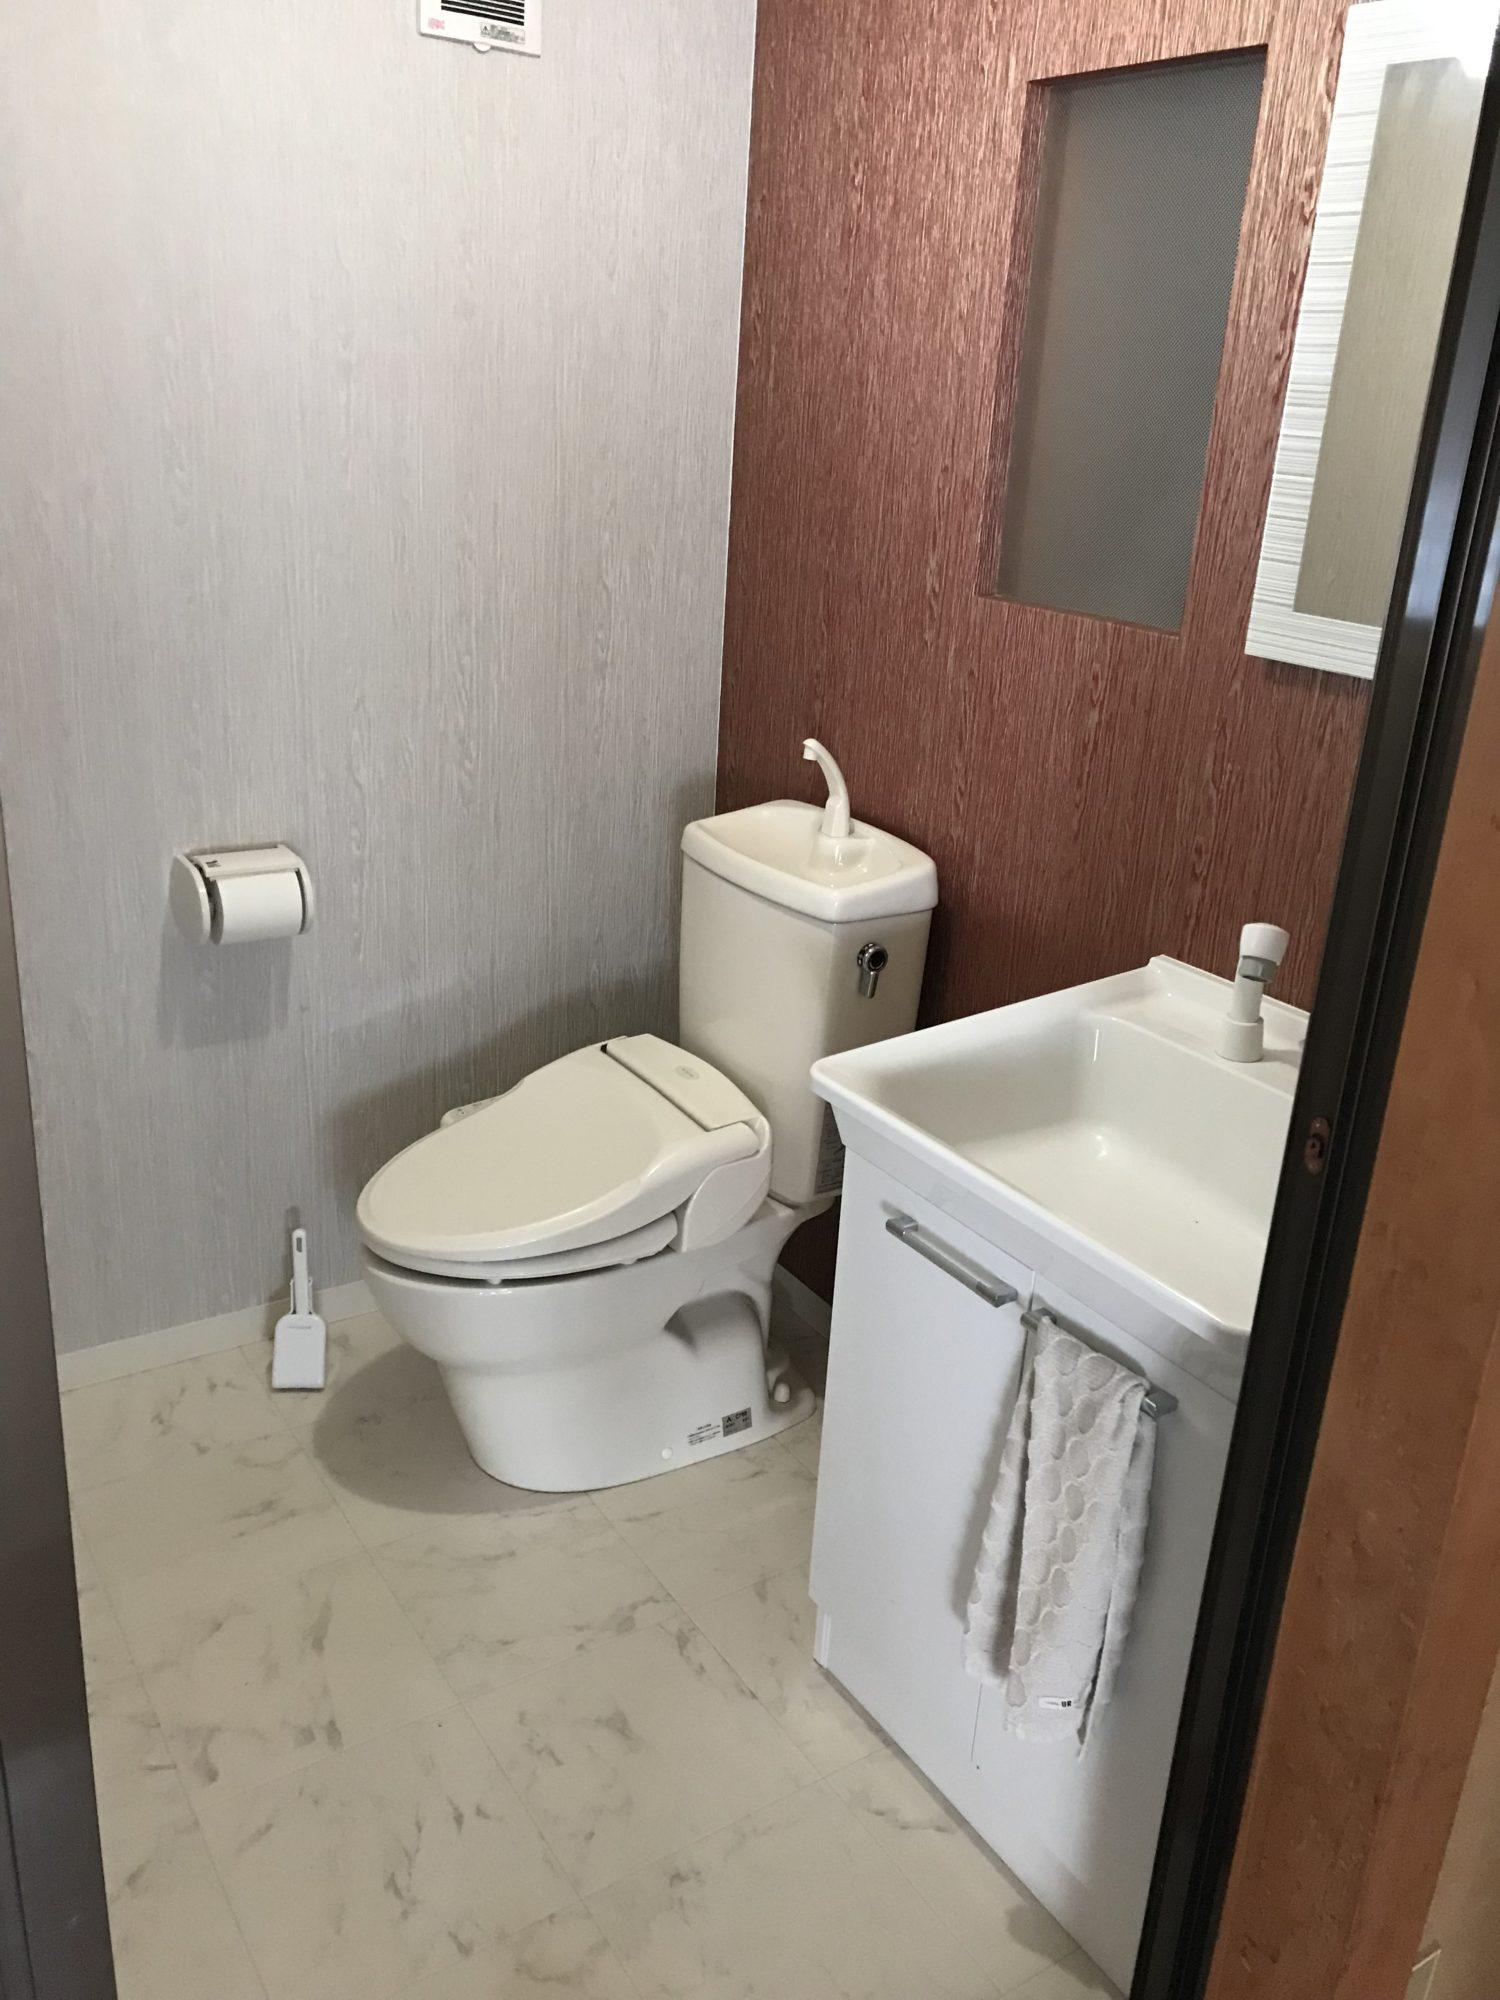 もう1つのトイレは、主人が作りました!広くてとても気に入っています。